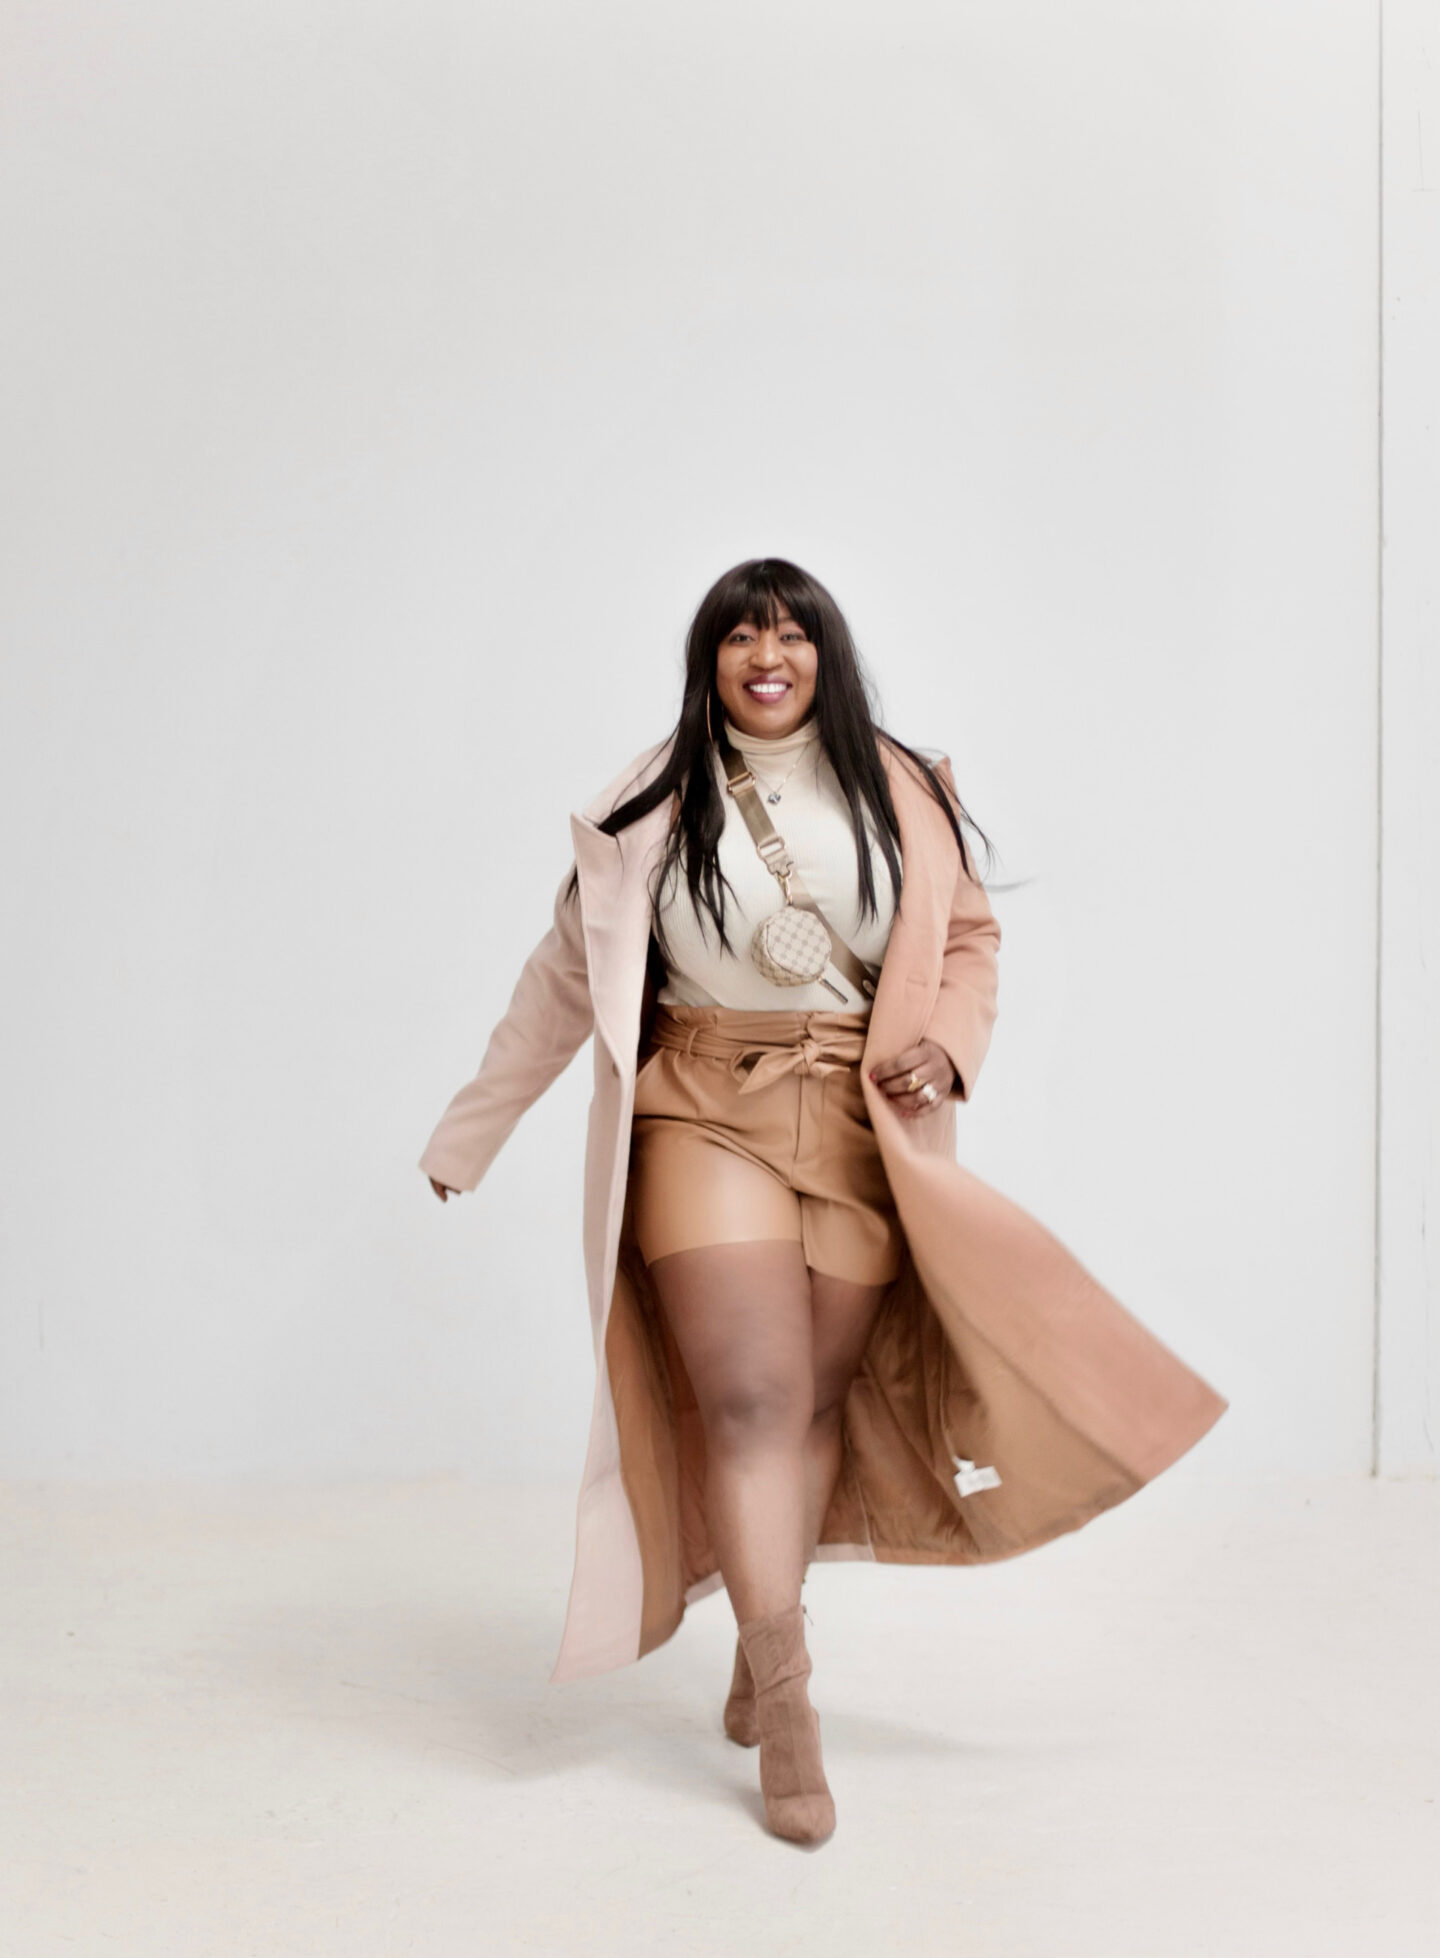 camel-coat-leather-shorts-neutral-style-hypnozglam